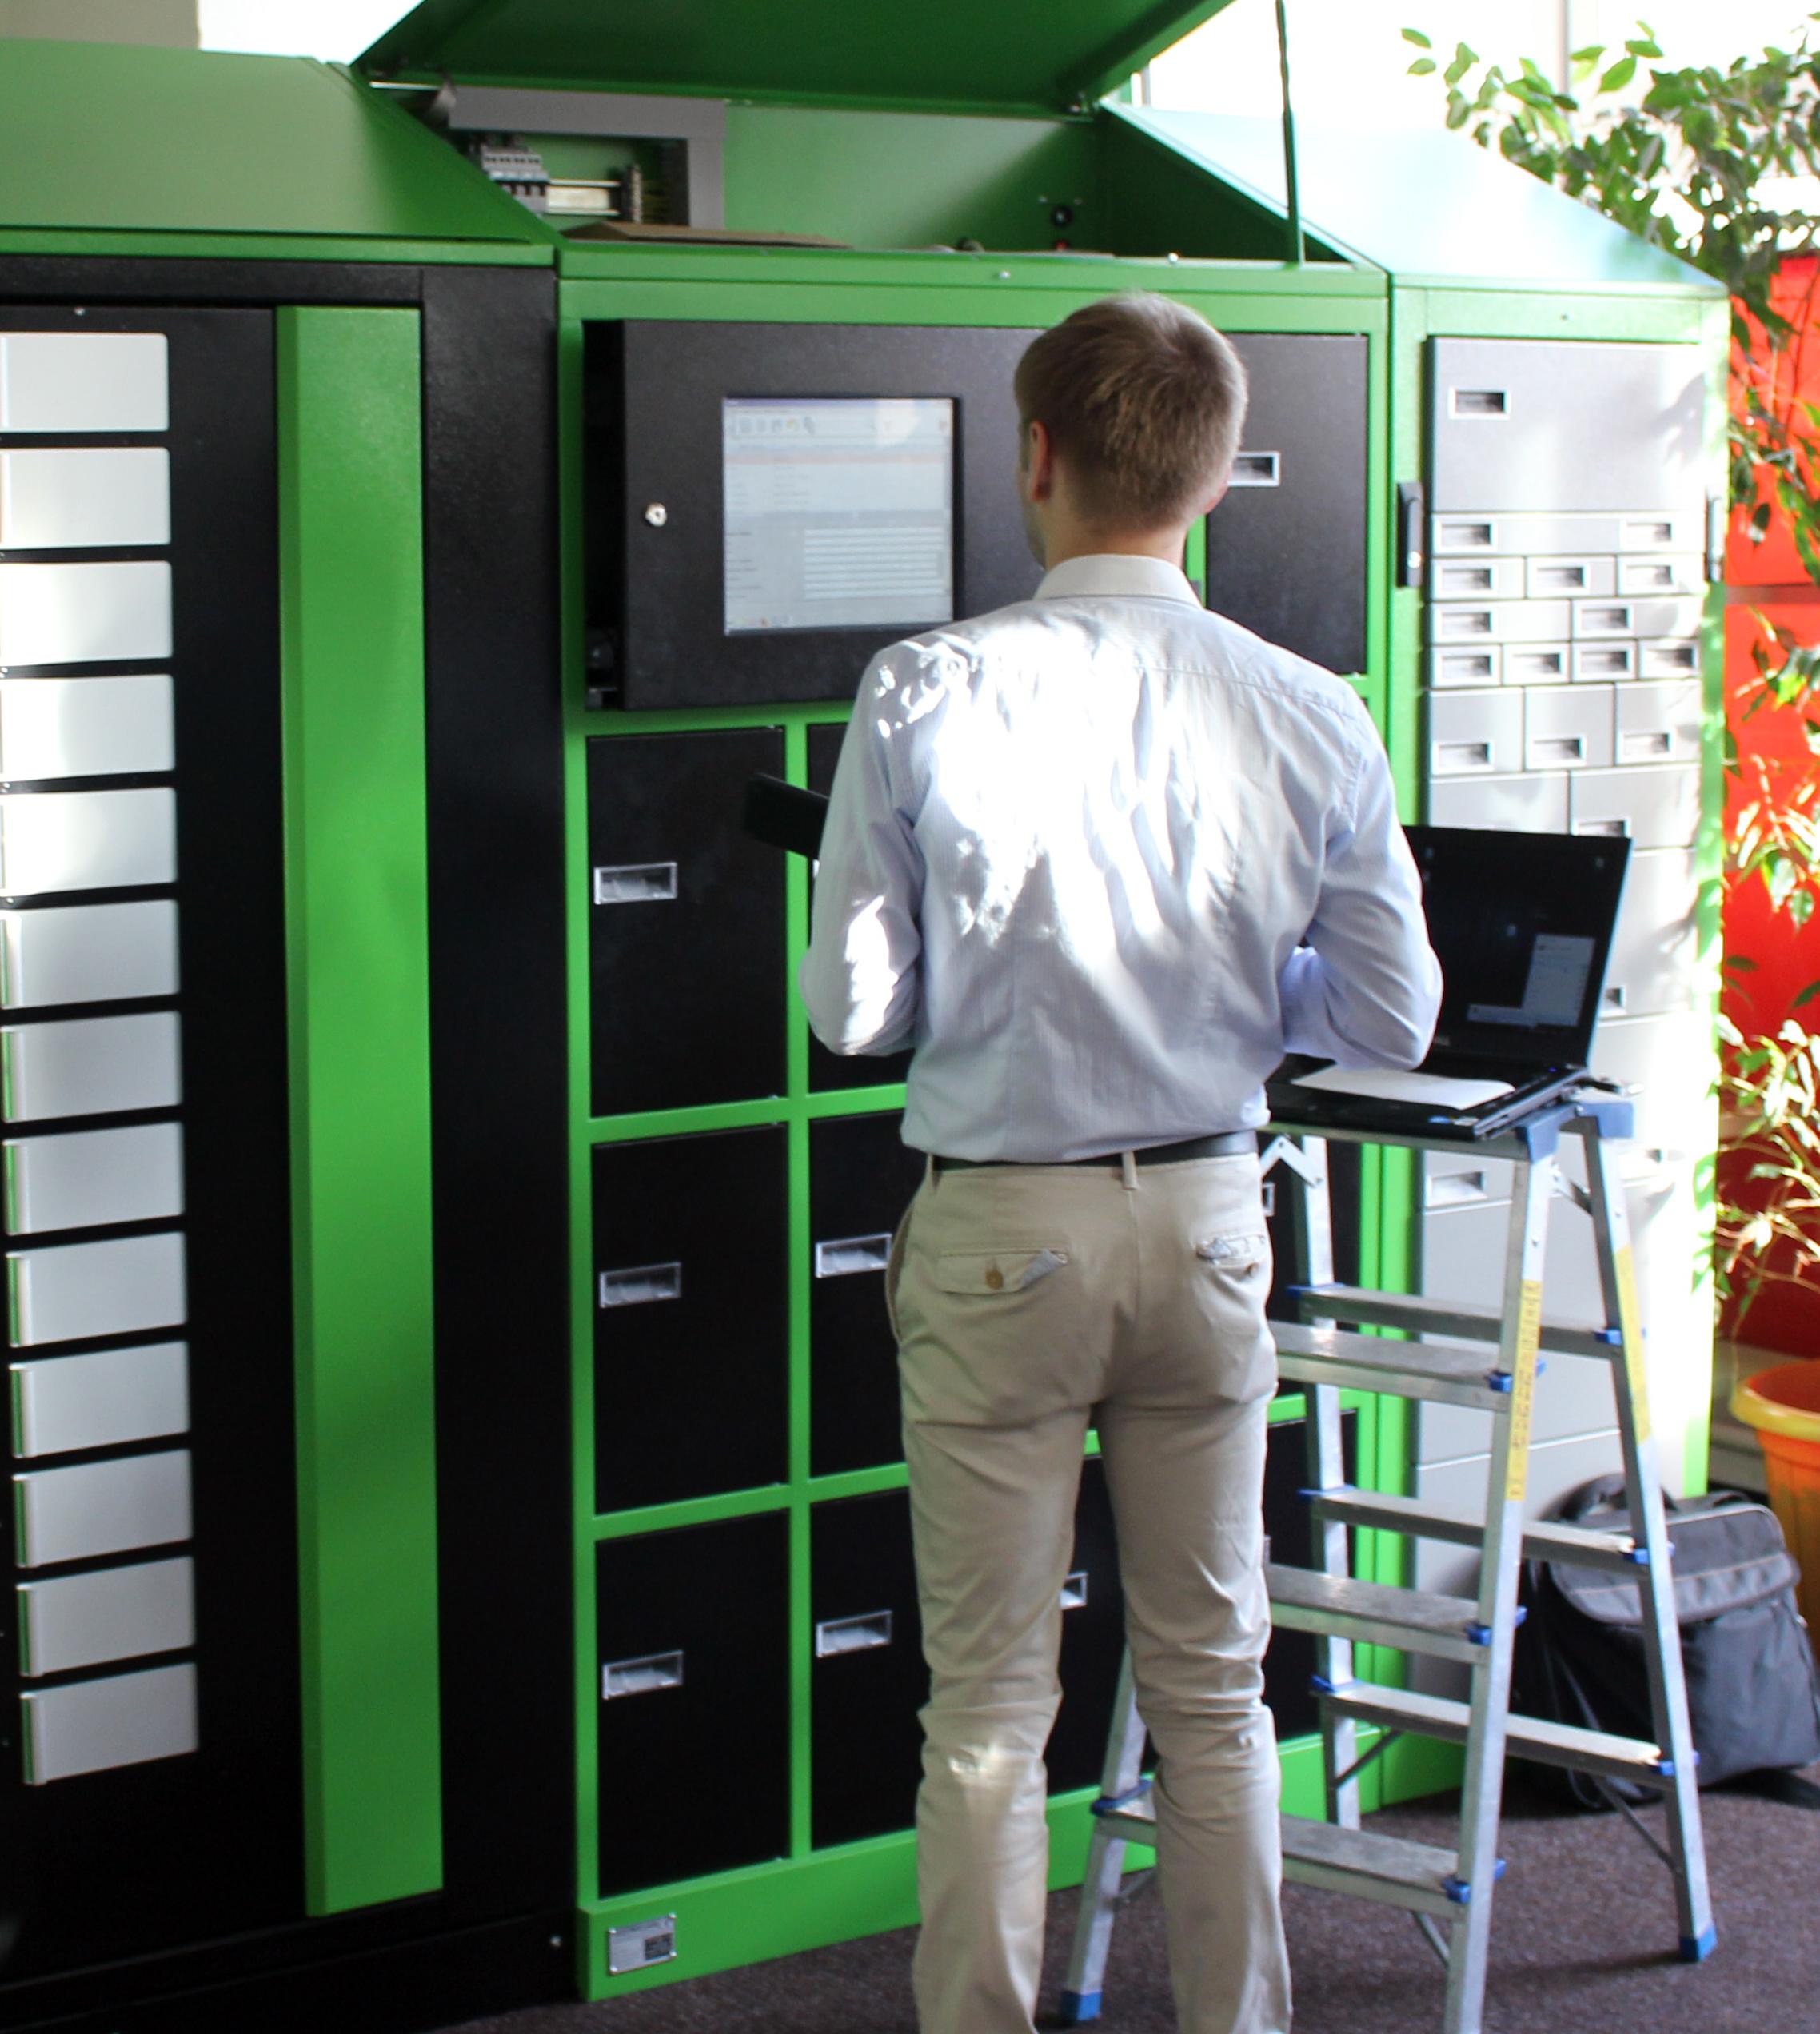 automaty wydające